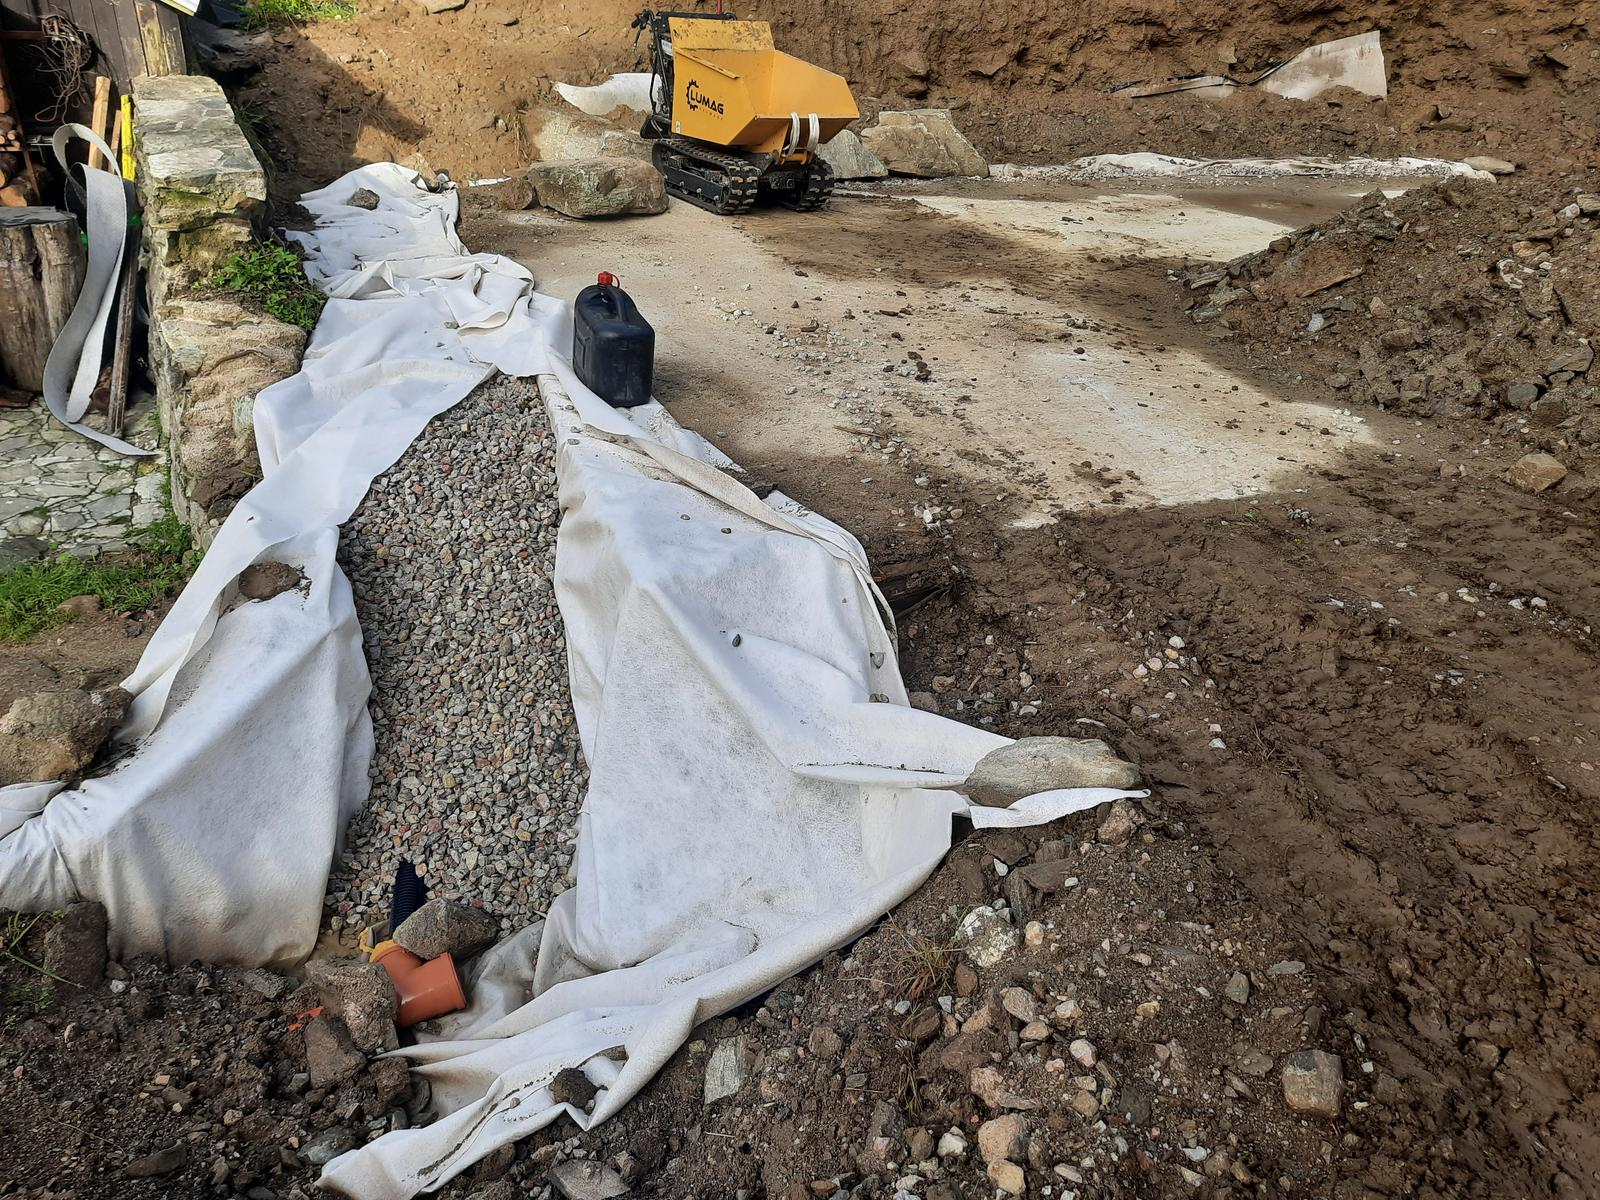 18. Stabilizácia výkopu pre stavbu a spevnenie + rozšírenie príjazdovej cesty. - 03. Drenáž zaústená do kanalizačnej rúry s prípravou na zaústenie druhej vetvy.